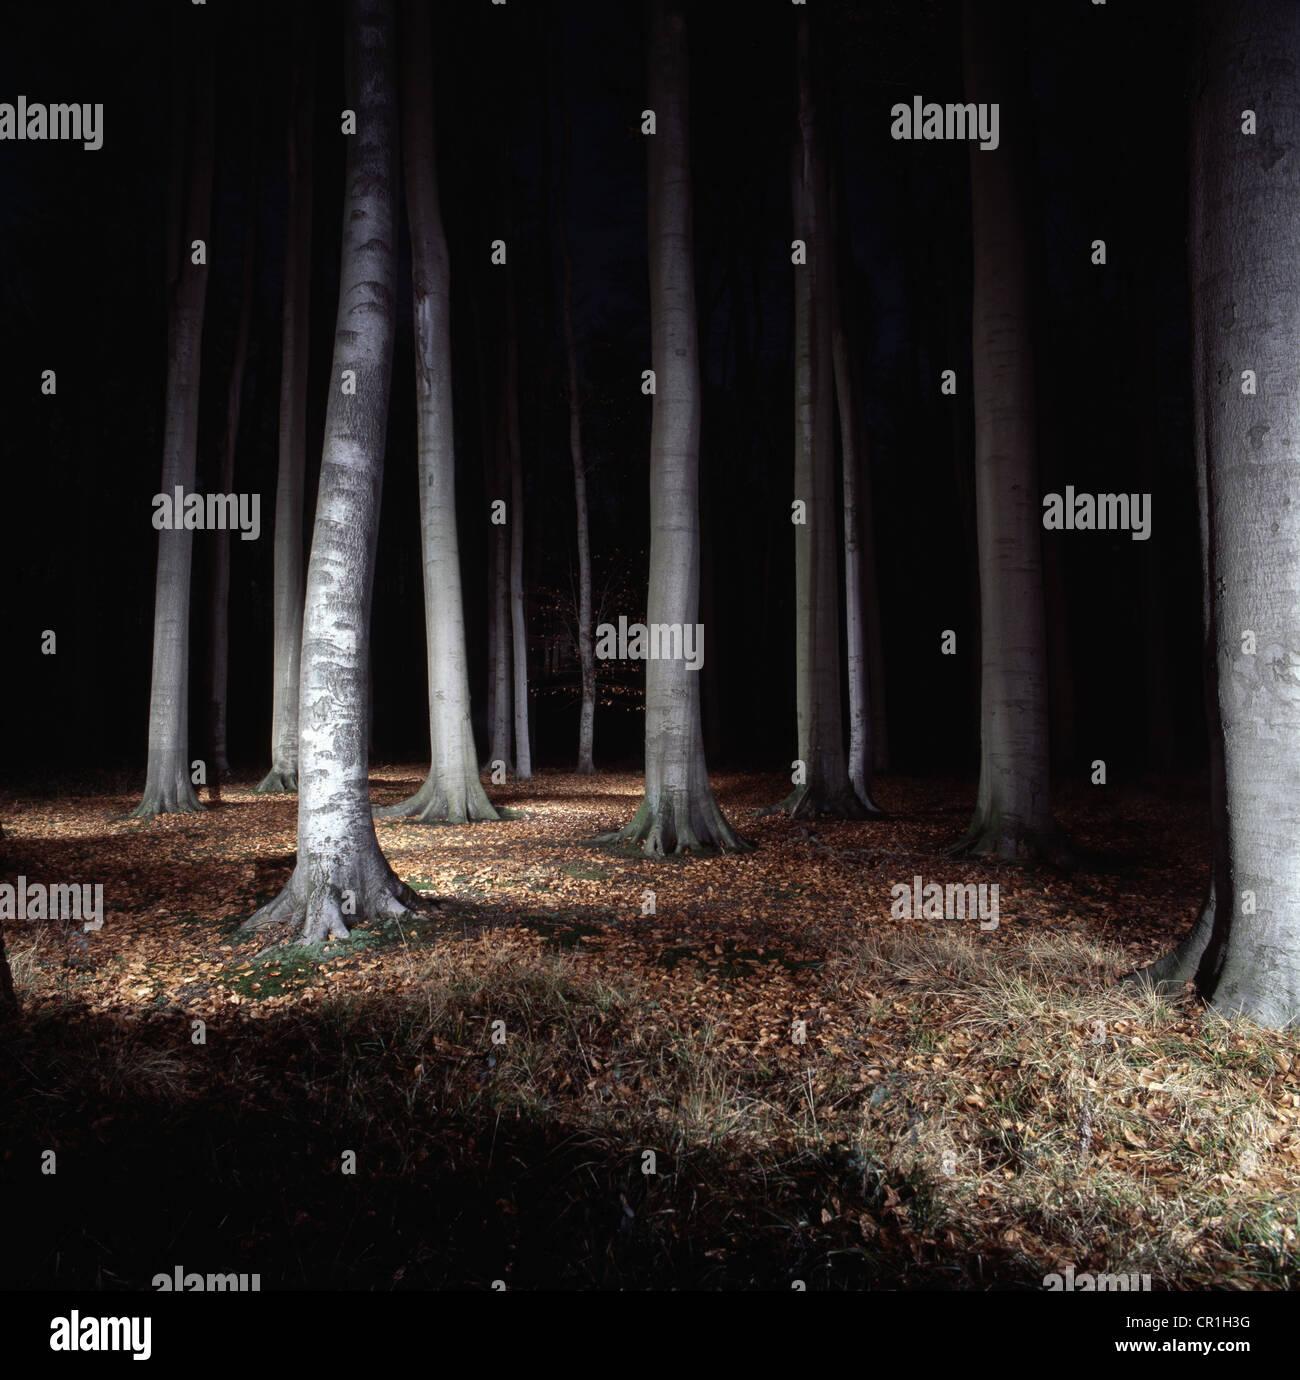 Los árboles en el bosque iluminado por la noche Imagen De Stock